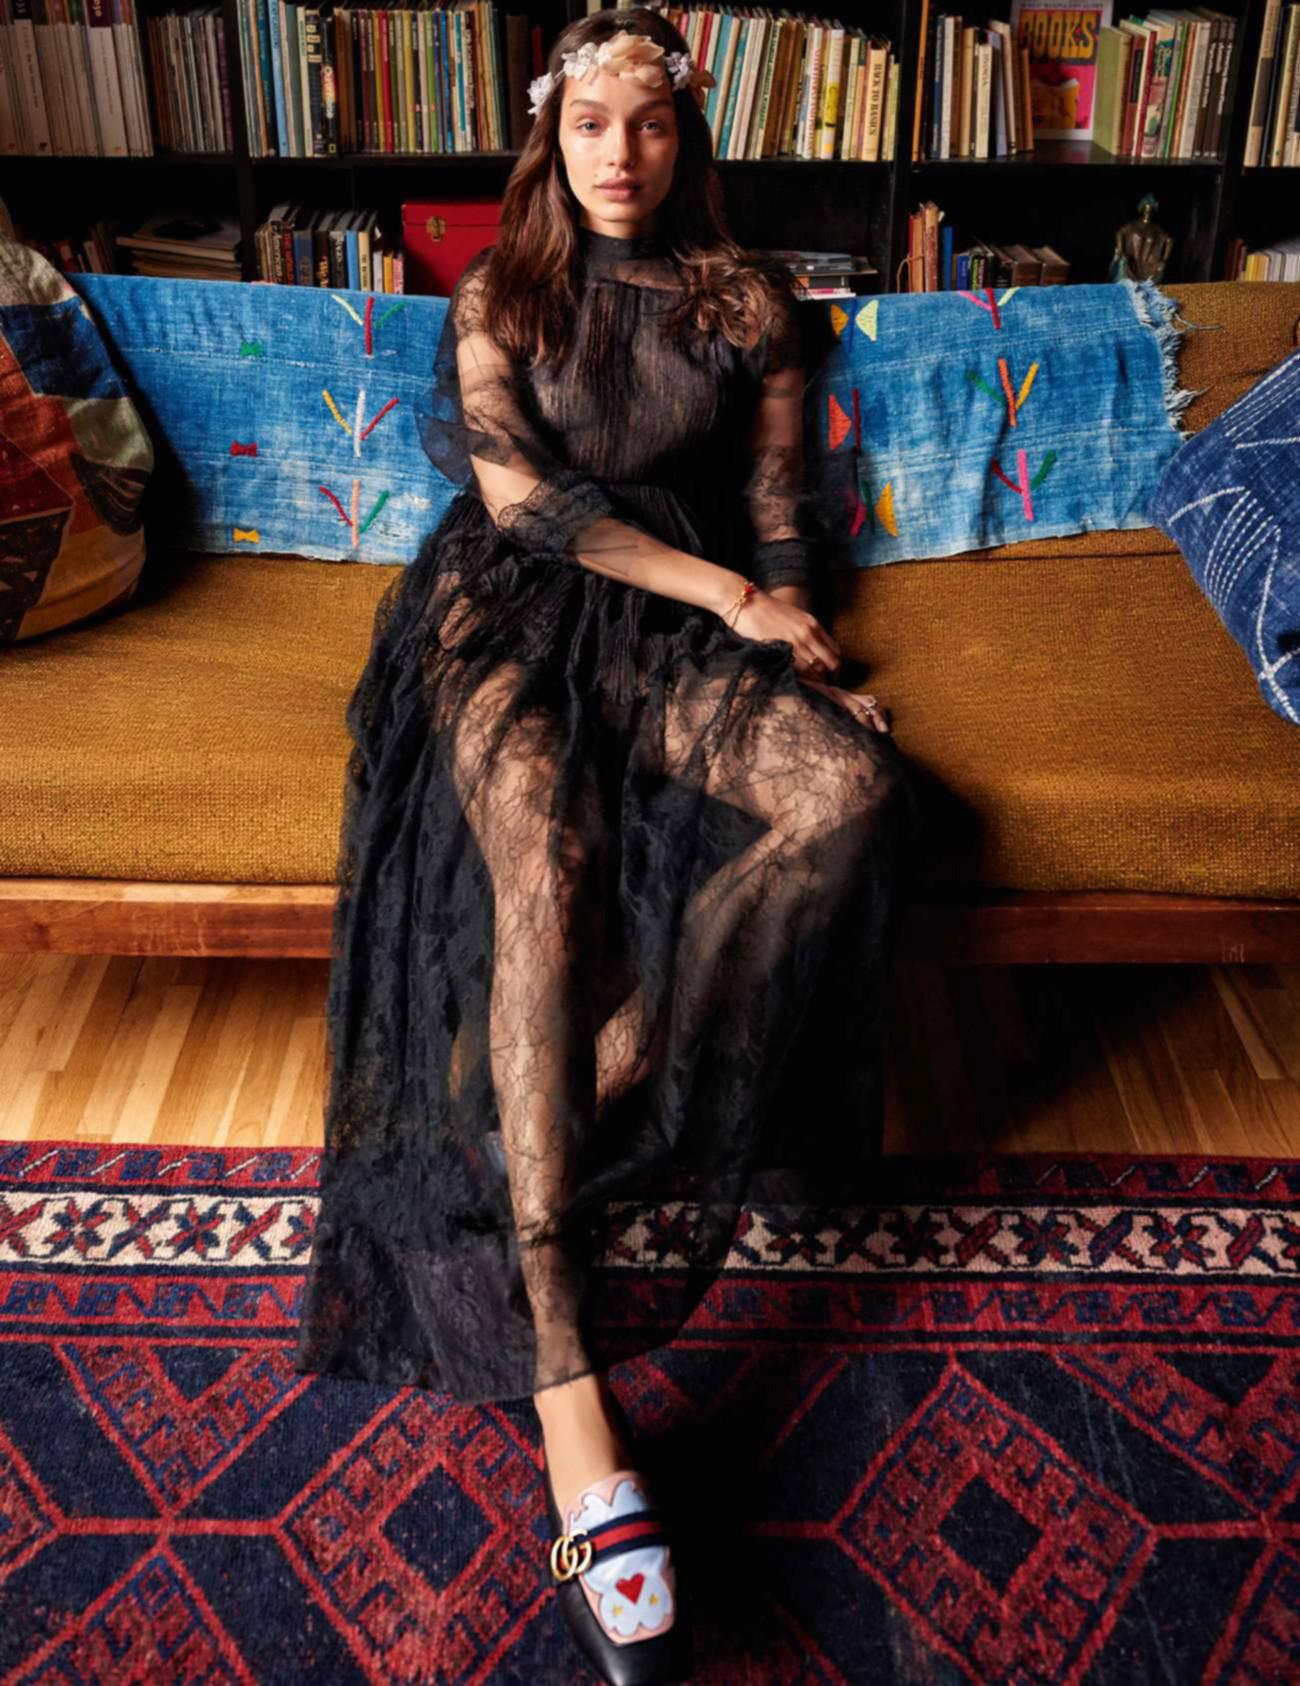 платье из кружева, Valentino; тиара, Delphine Manivet; мокасины, Gucci; браслеты на правой руке, Delfina Delettrez; кольцо, Repossi; кольца на левой руке, Chrome Hearts